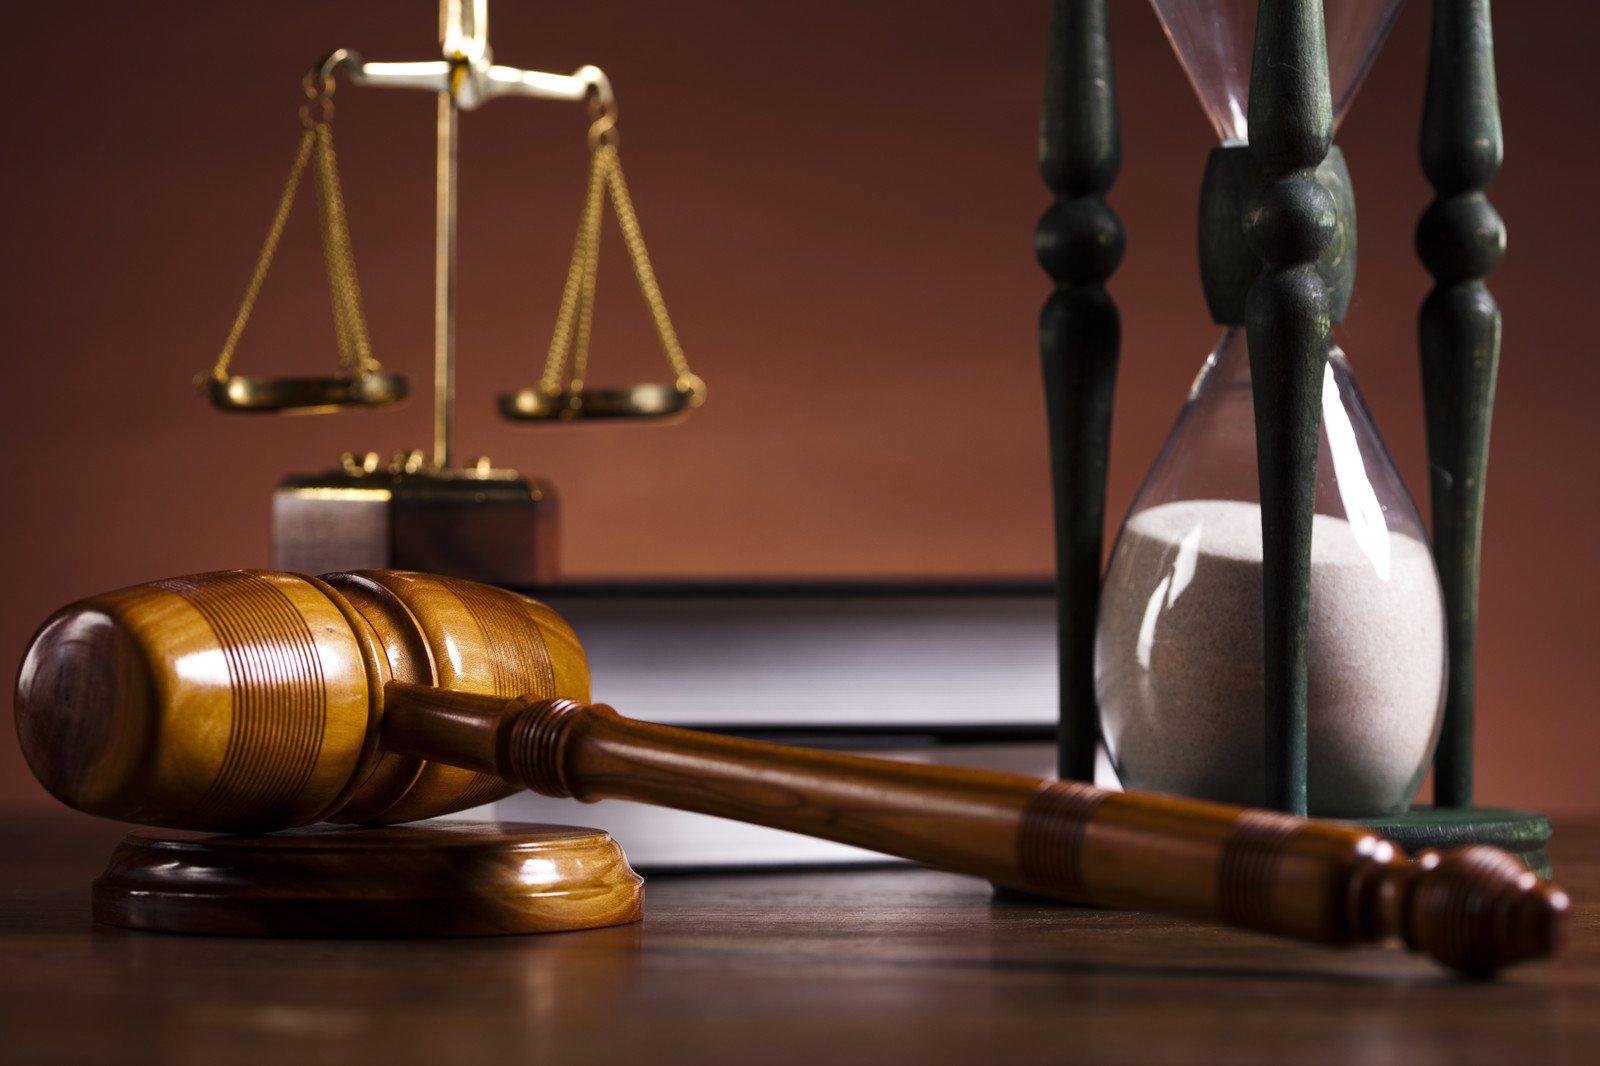 Подросток, готовивший теракт наконцерте Бибера, приговорен кпожизненному заключению